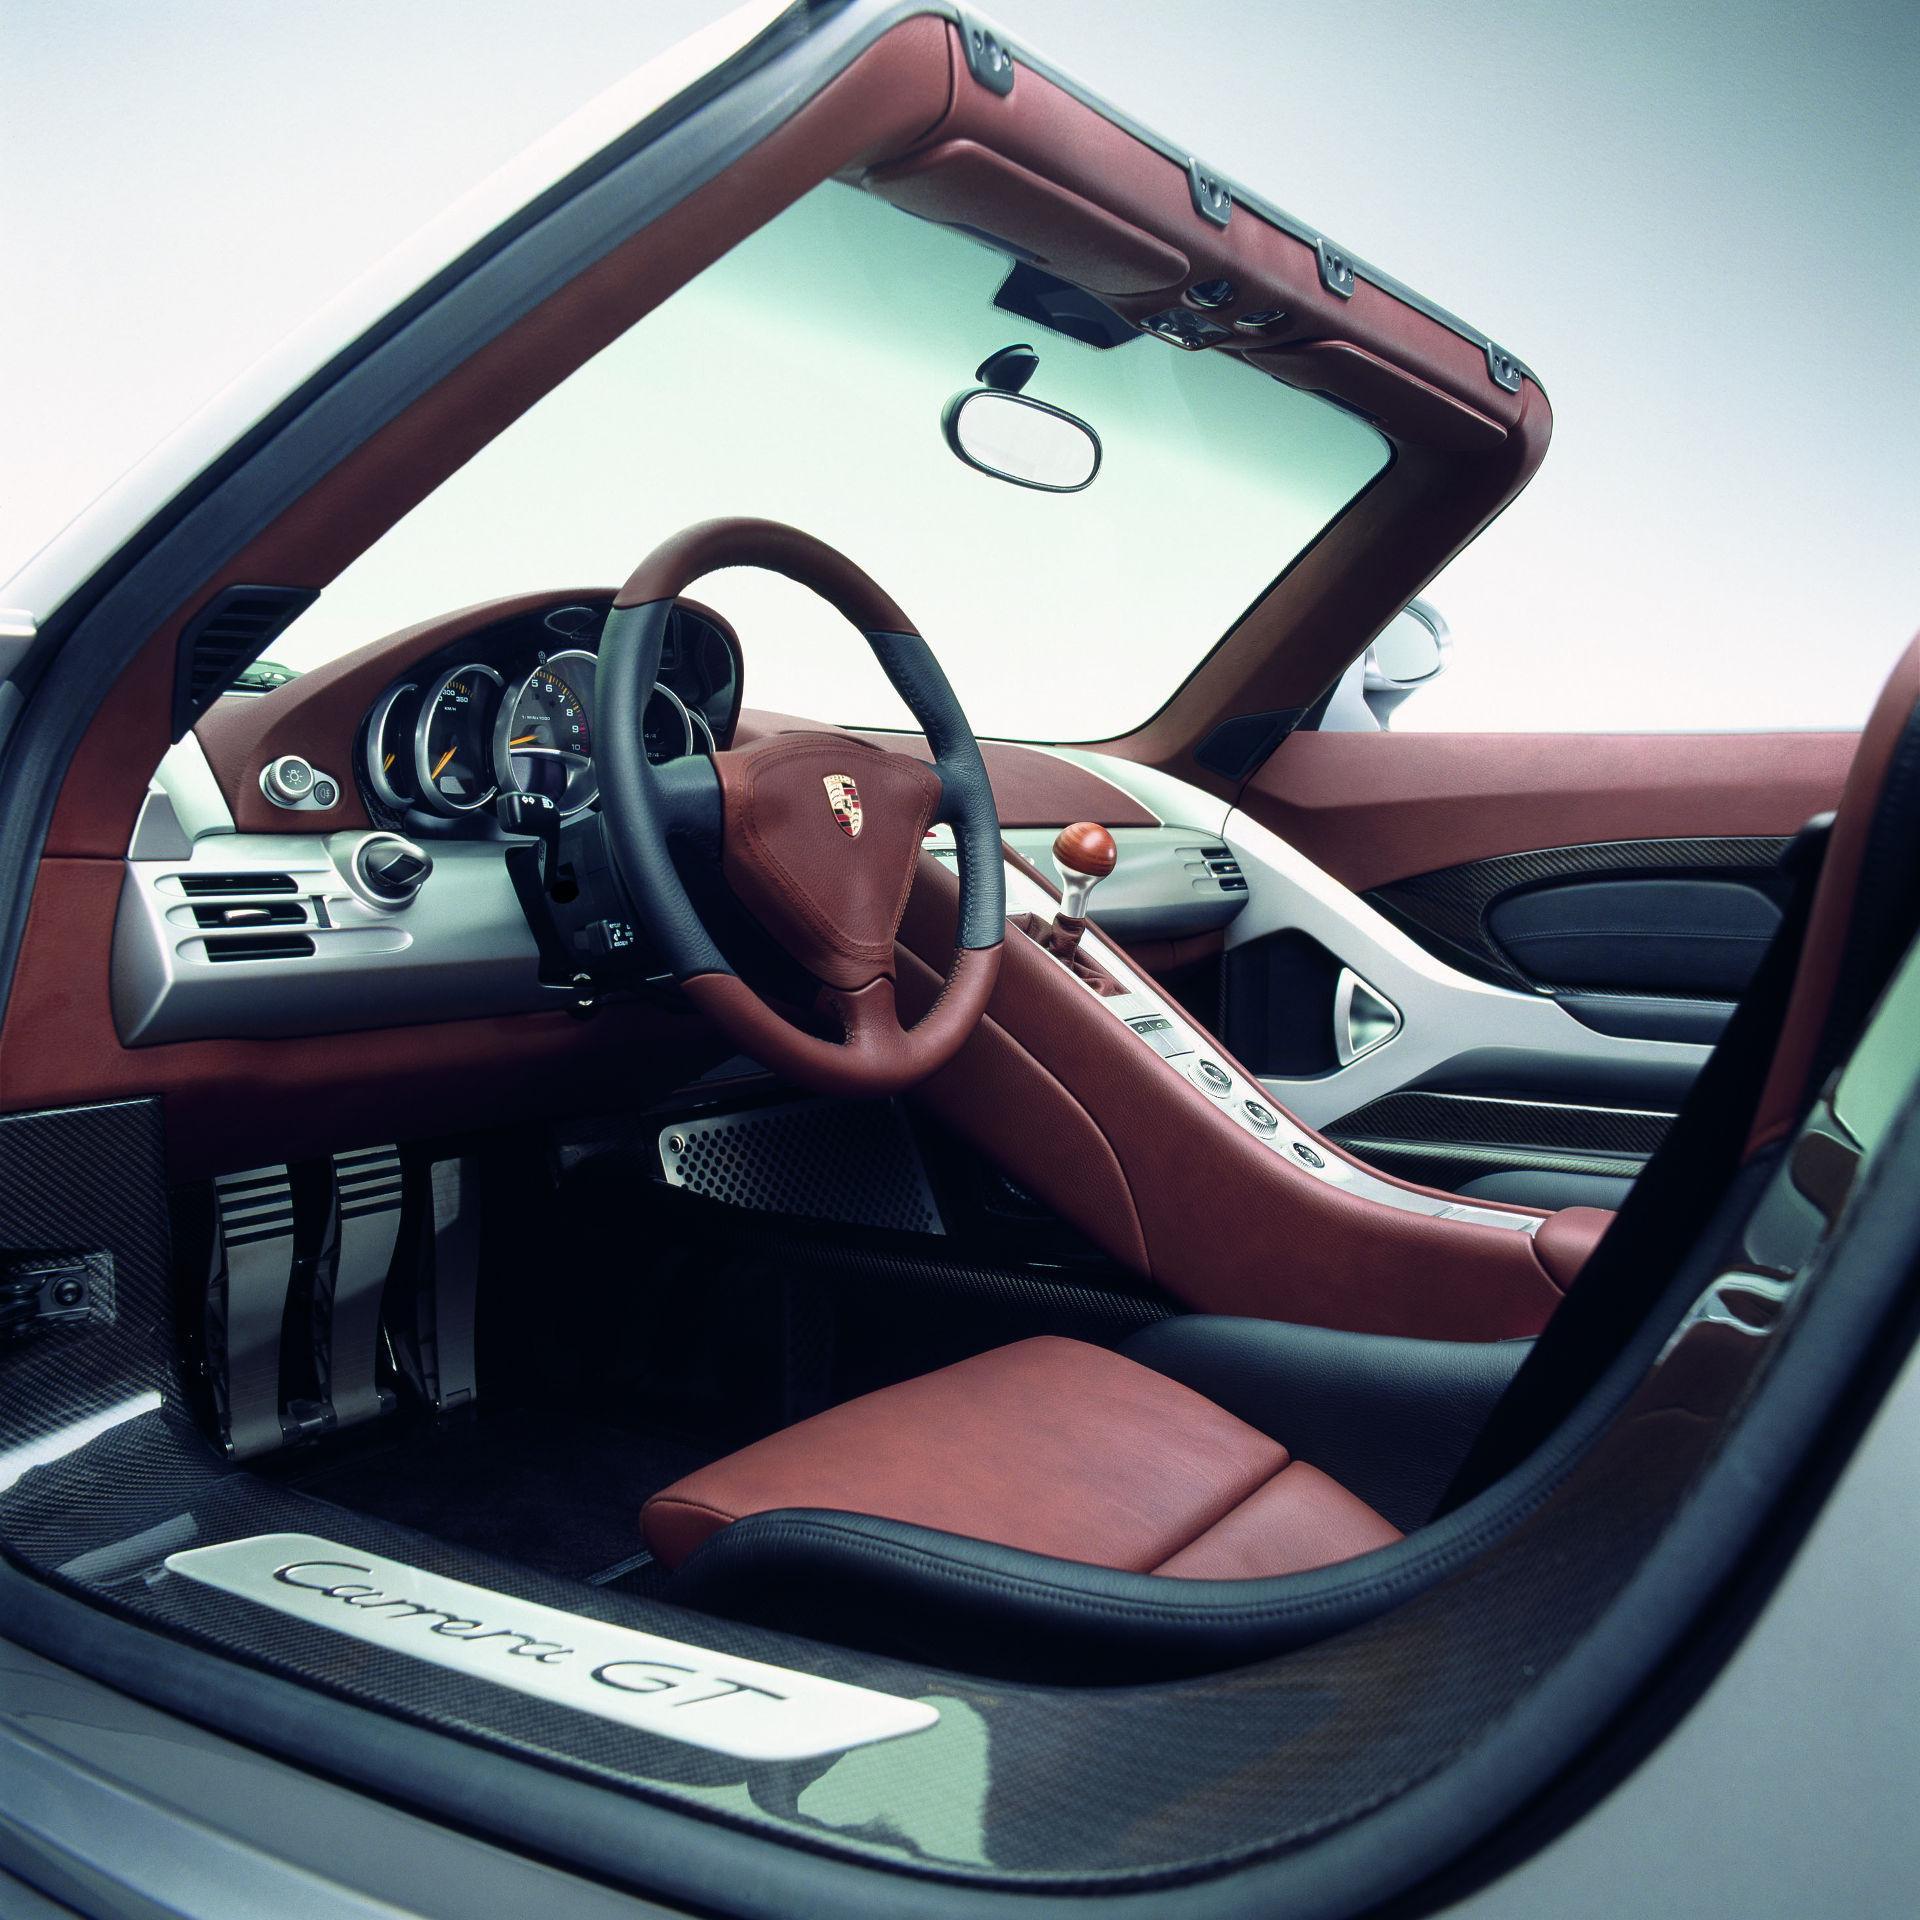 Porsche Carrera GT - Innenraum